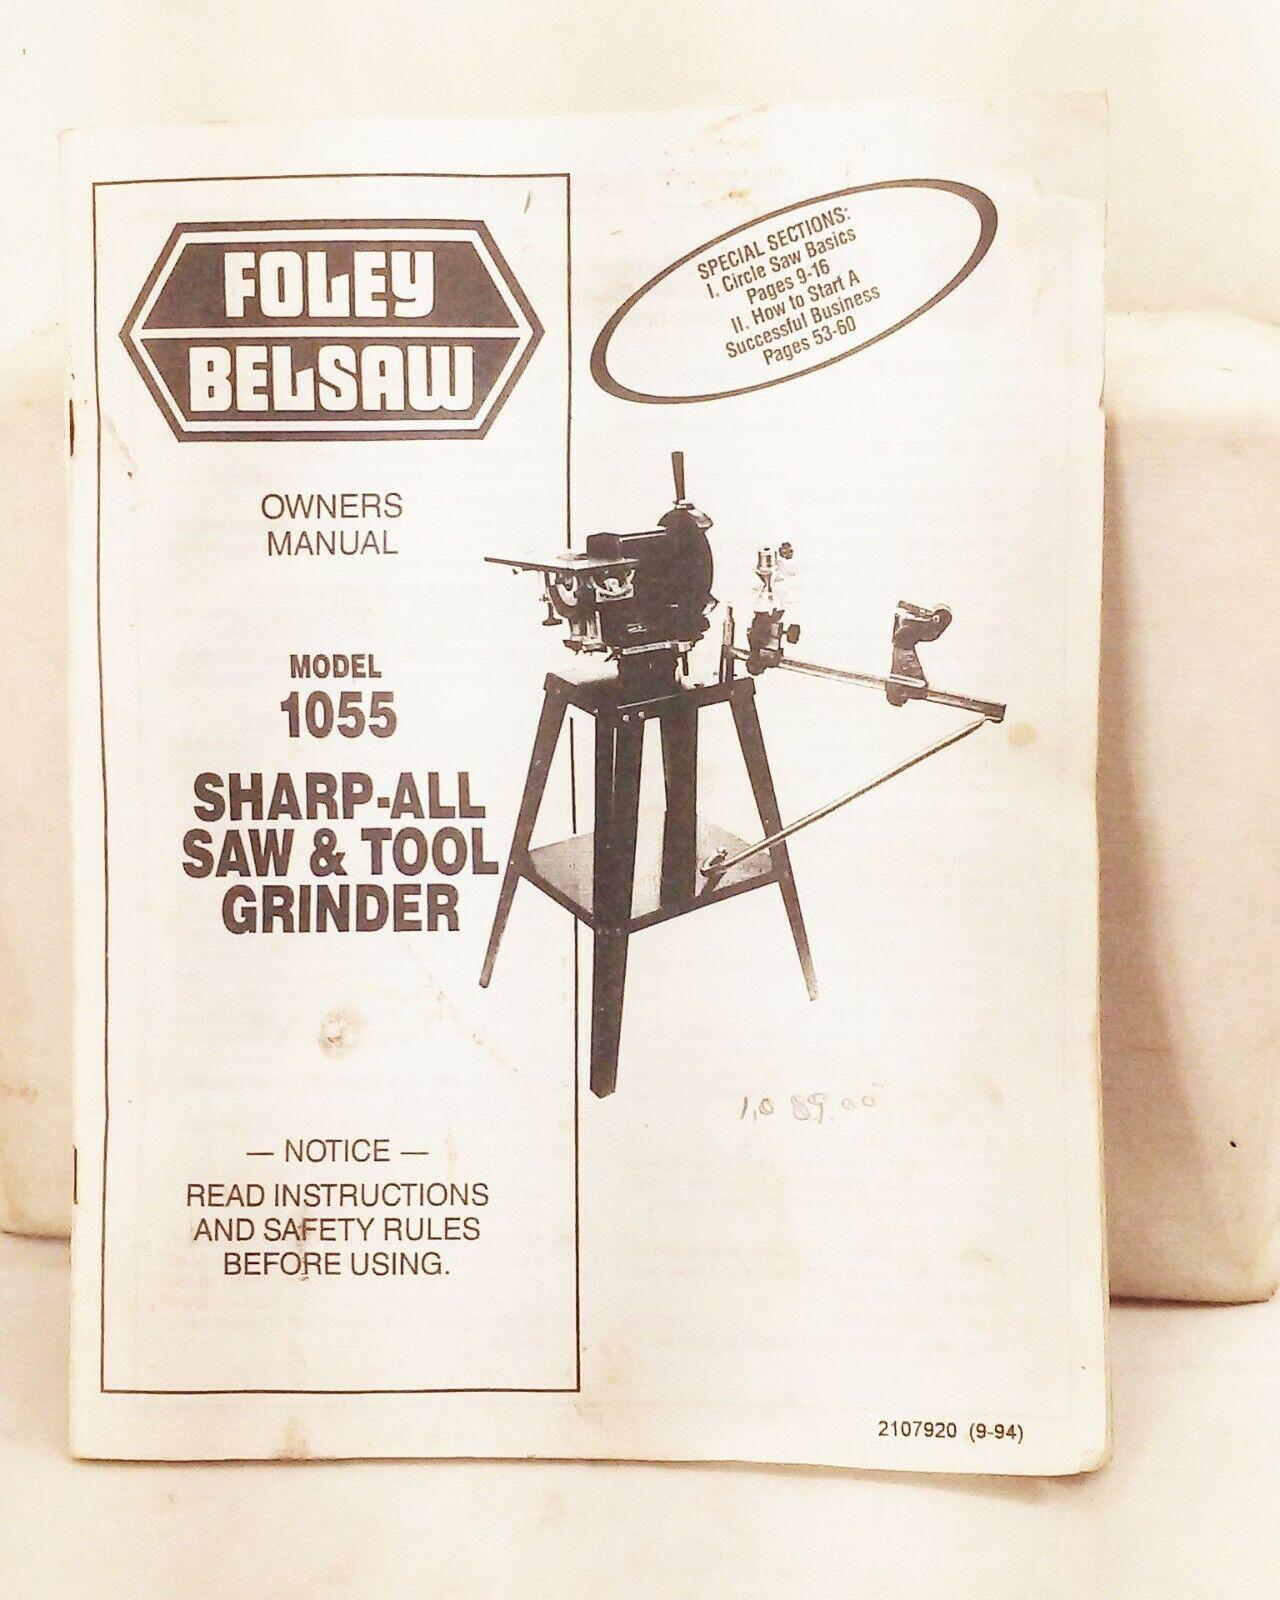 Vtg Foley belsaw 1055 sharp all saw tool grinder owner operator part manual book